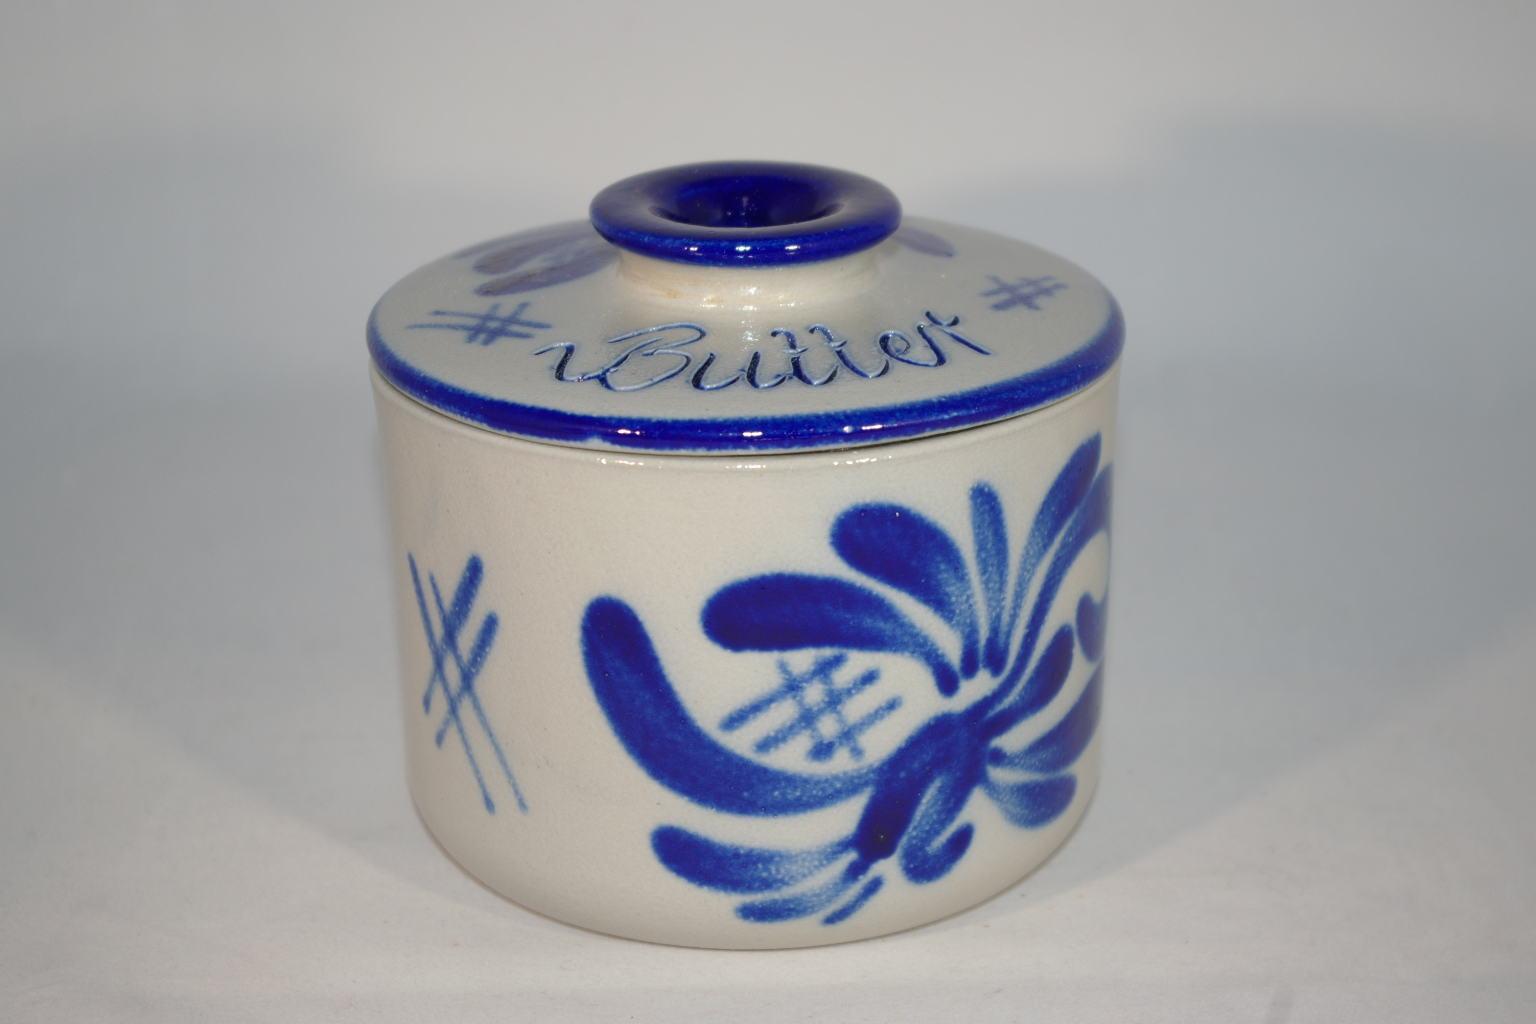 butterk hler blau grau steinzeug bembel shop keramik. Black Bedroom Furniture Sets. Home Design Ideas